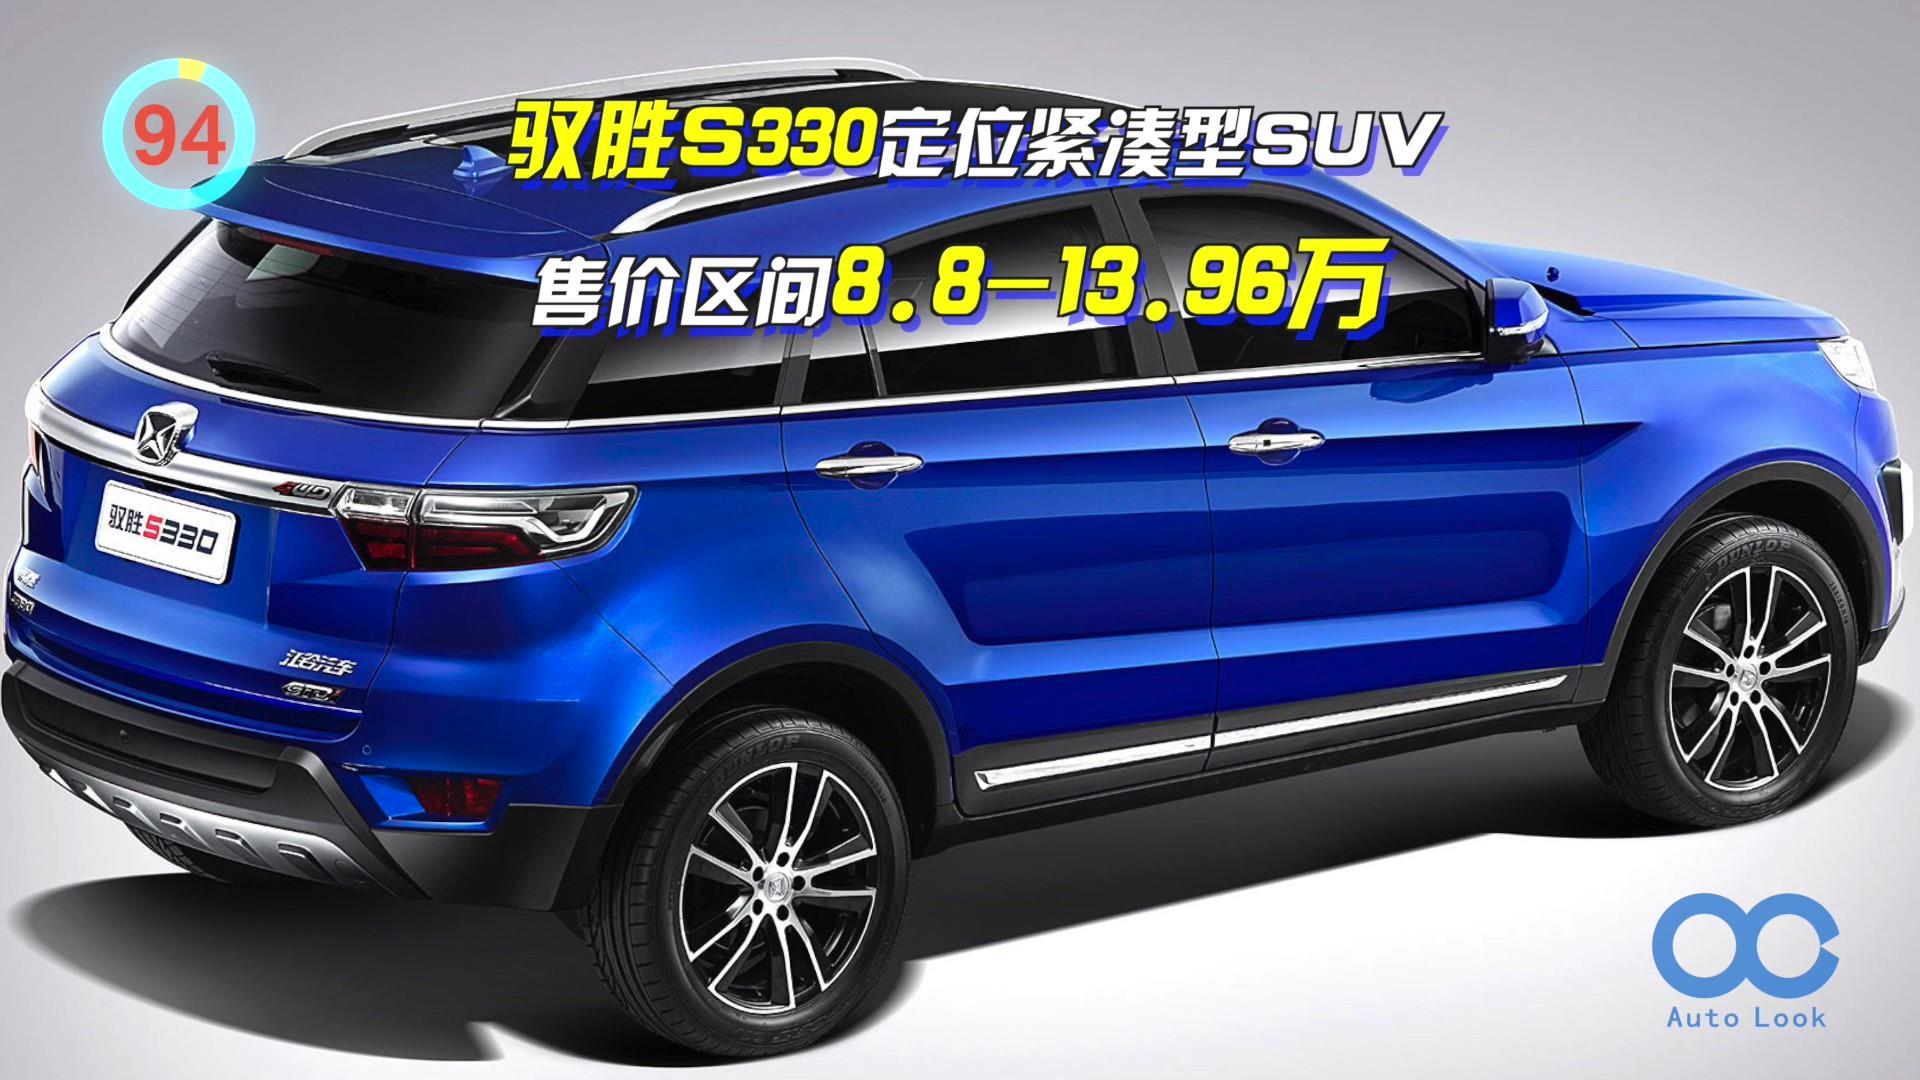 江铃驭胜S330 品牌首款SUV 自主1.5T动力强劲